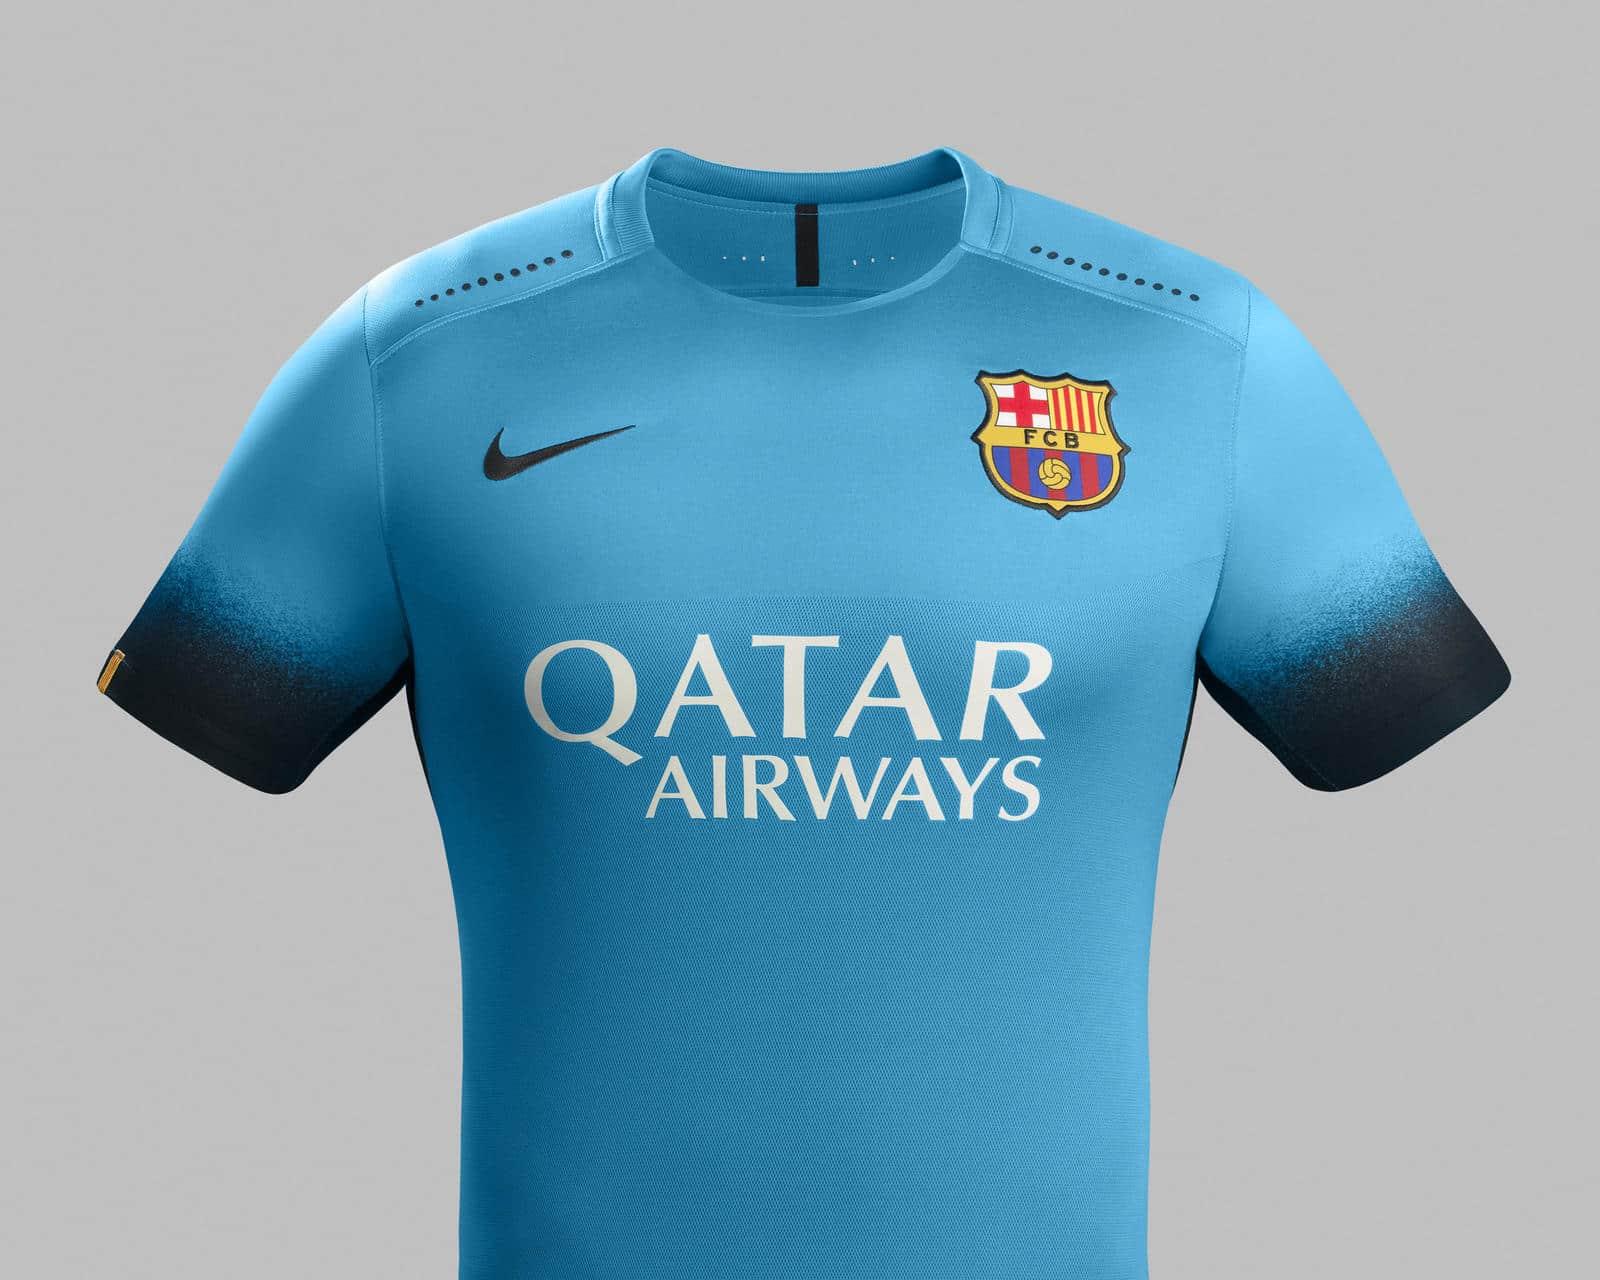 uniformes de soccer Nike - Nike d��voile les maillots 2015-2016 du FC Barcelone